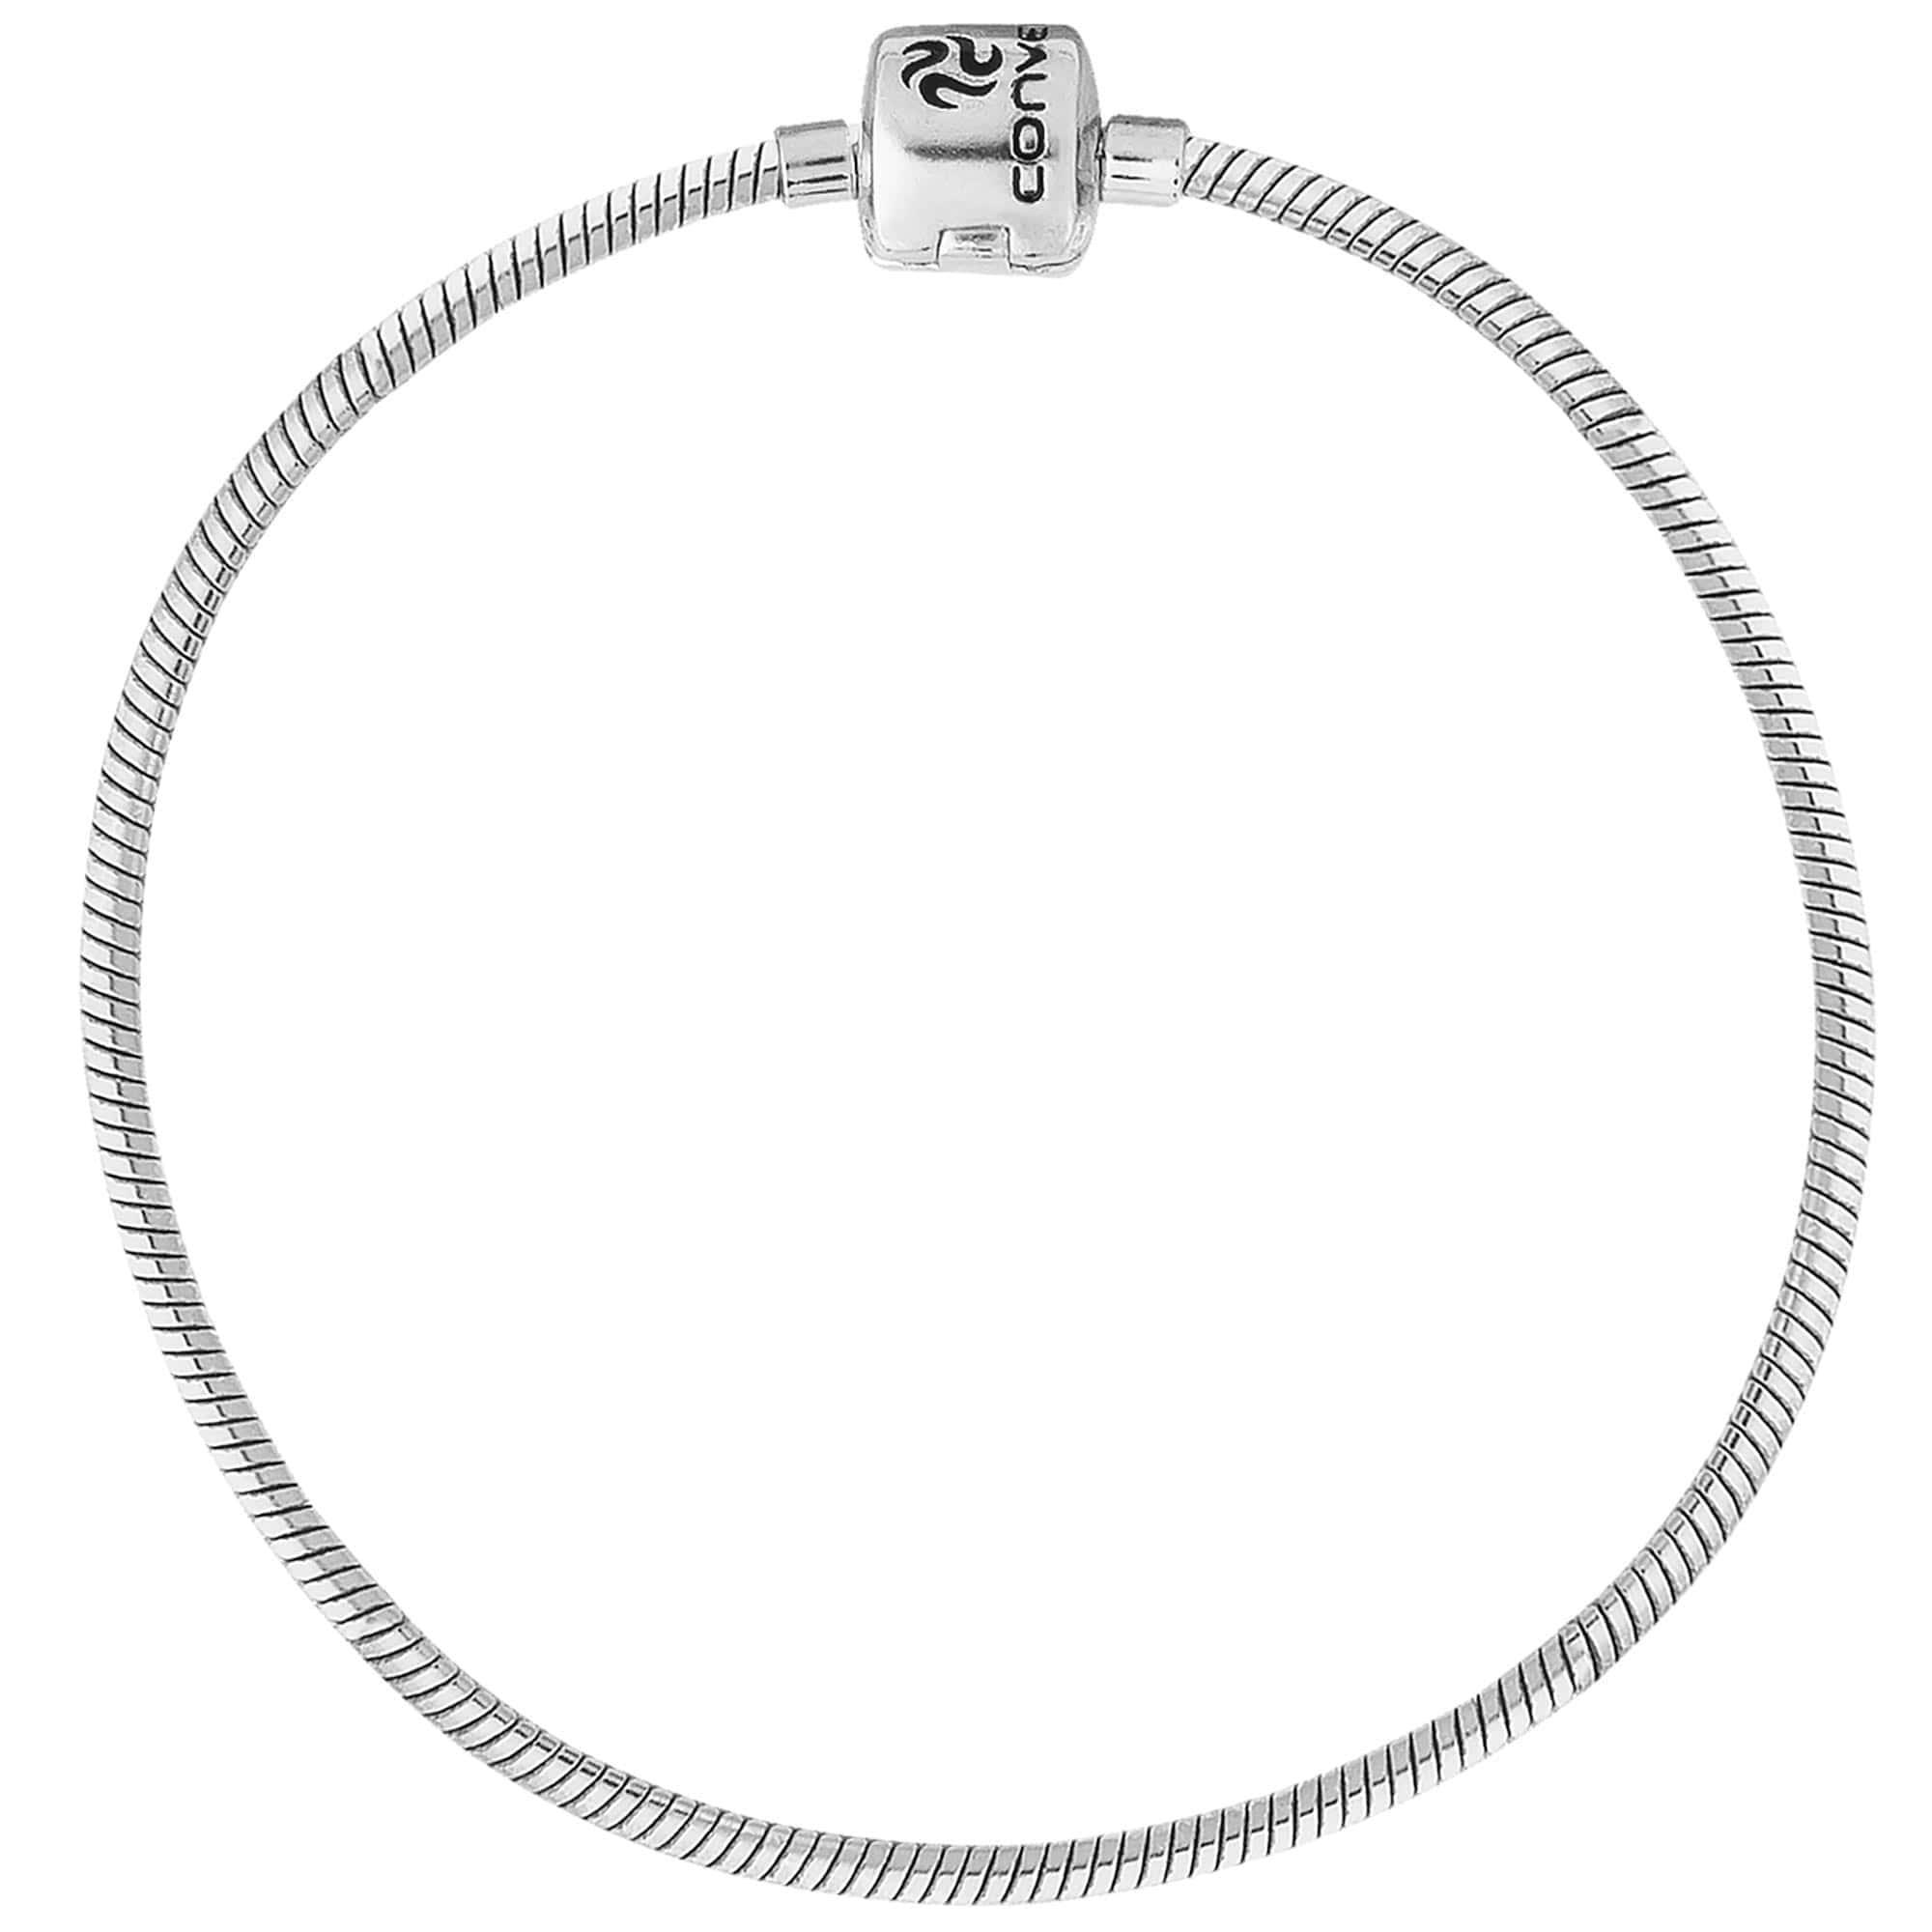 Pulseira de Prata Infantil para Berloque 13cm 3490113